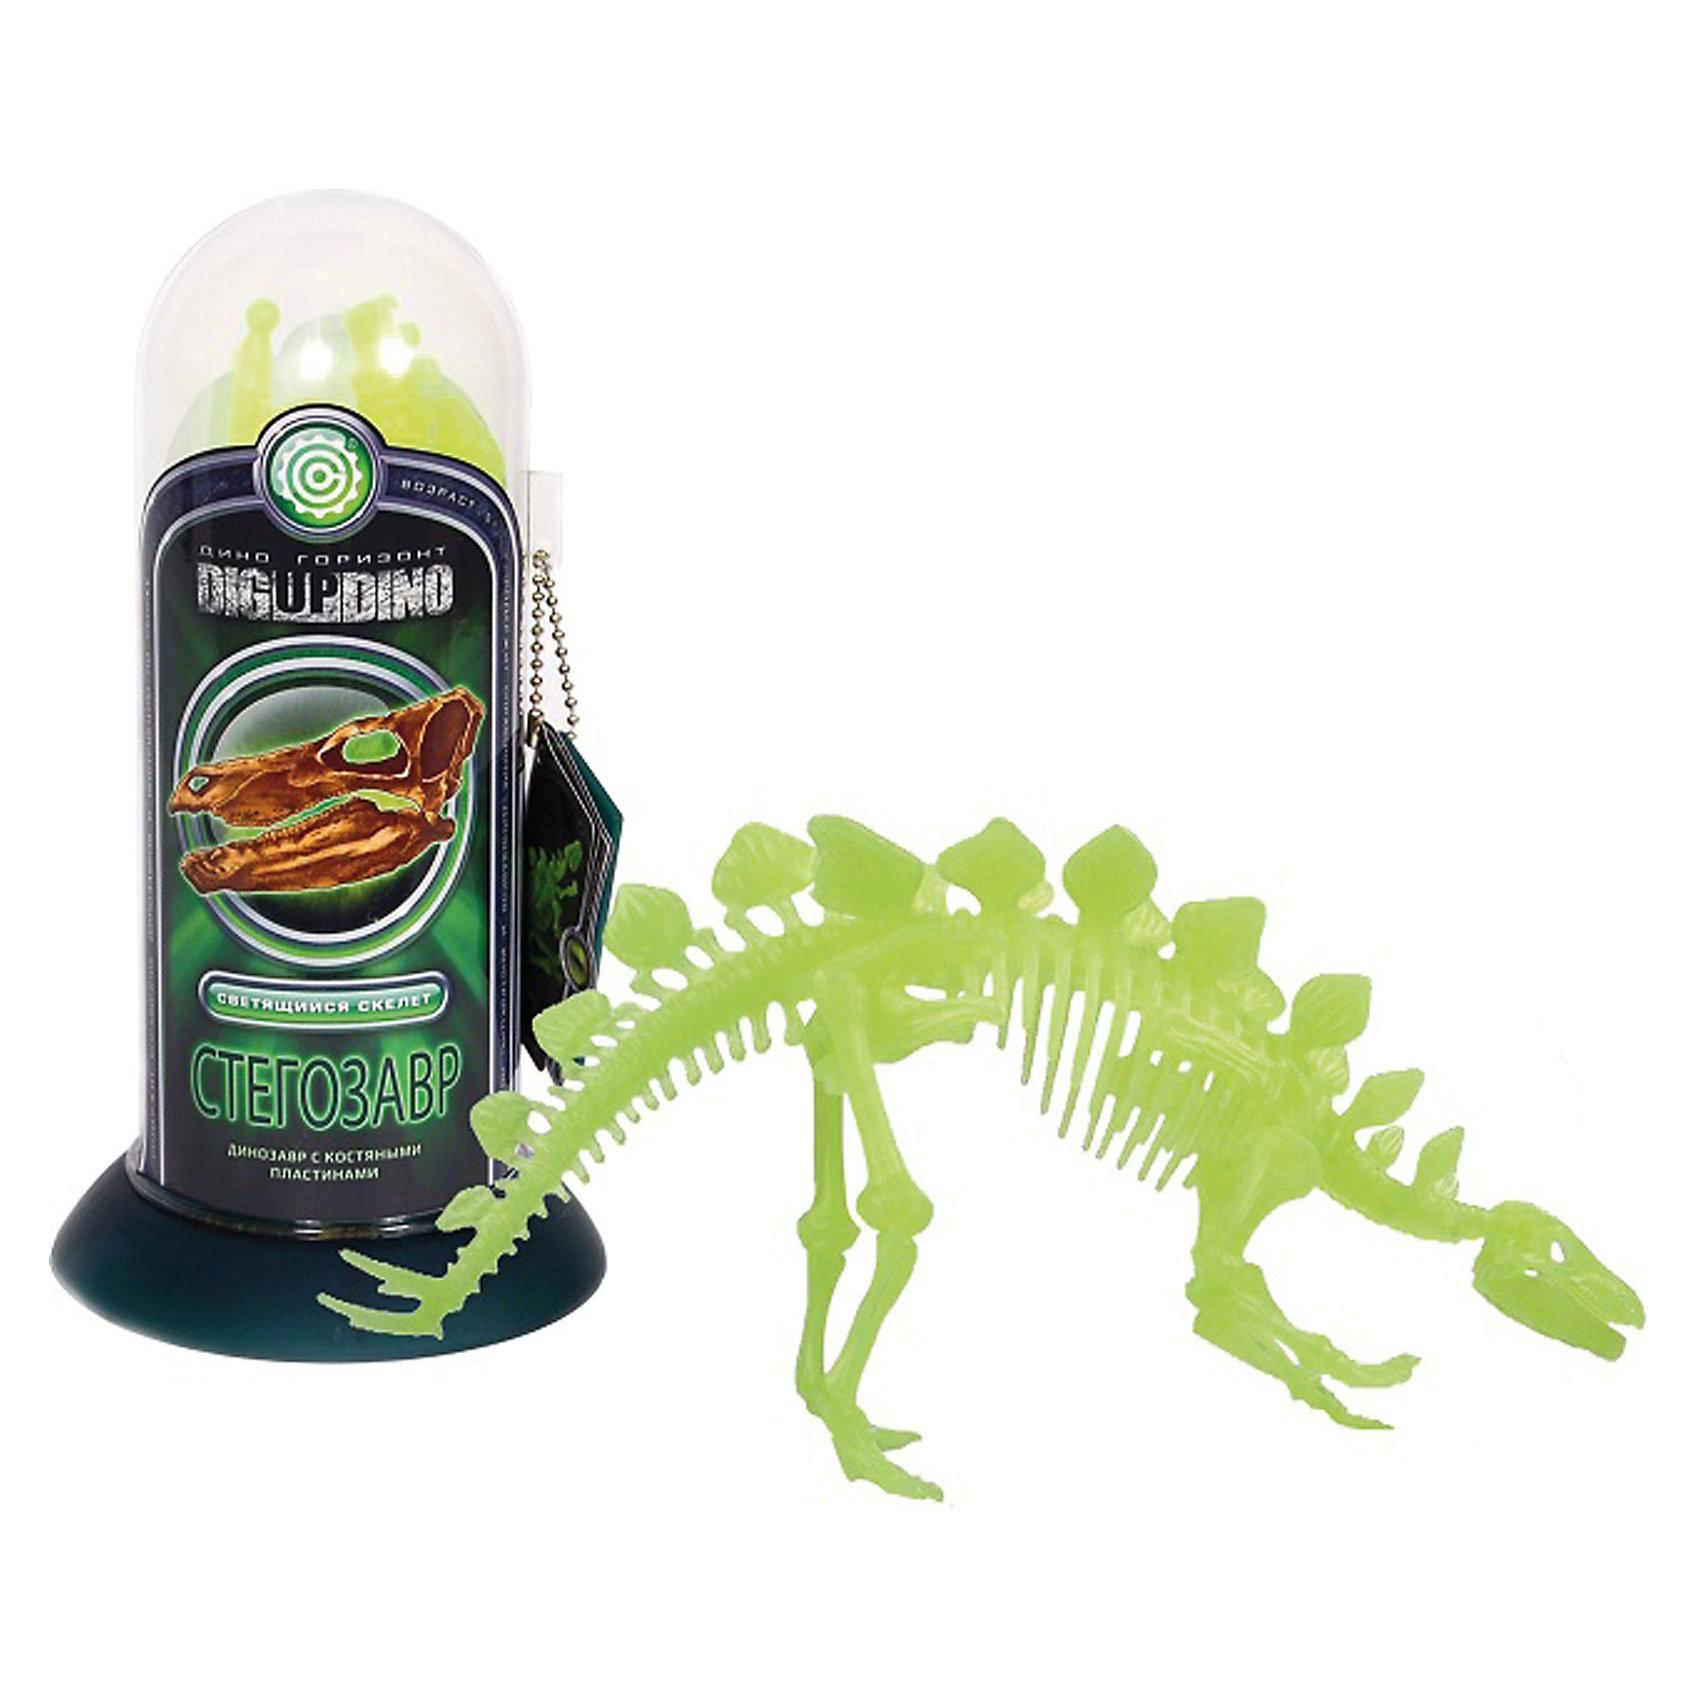 Раскопки: Стегозавр (Светящийся скелет - самого крупного чешуйчатого динозавра)Динозавры и драконы<br>Профессор Эйн - это серия увлекательных наборов для проведения различных опытов и экспериментов  в домашних условиях. <br><br>С помощью набора Раскопки: Раскопки: Стегозавр (Скелет самого крупного чешуйчатого динозавра) вместе с профессором Эйном Вы можете почувствовать себя настоящим археологом.  Загадочный мир динозавров ведь это так интересно и интригующе! <br>  В наборе уменьшенная копия динозавра  Стегозавр  от лат. Stegosaurus — «крышеящер» — род позднеюрских травоядных динозавров, существовавший 155—145 млн лет назад<br> <br>Наглядная модель скелета доисторического существа Стегозавра, полностью даст представление о его строении. Скелет светится в темноте.<br><br>Соберите коллекцию из динозавров и почувствуйте себя настоящим исследователем древности. <br><br>Набор содержит справочник Профессора Эйна из останков динозавров.<br><br>Размеры: 9 х 18 х 9 см<br><br>Раскопки: Стегозавр (Скелет самого крупного чешуйчатого динозавра)  - можно купить в нашем интернет магазине.<br><br>Ширина мм: 90<br>Глубина мм: 90<br>Высота мм: 175<br>Вес г: 144<br>Возраст от месяцев: 60<br>Возраст до месяцев: 144<br>Пол: Мужской<br>Возраст: Детский<br>SKU: 3344333